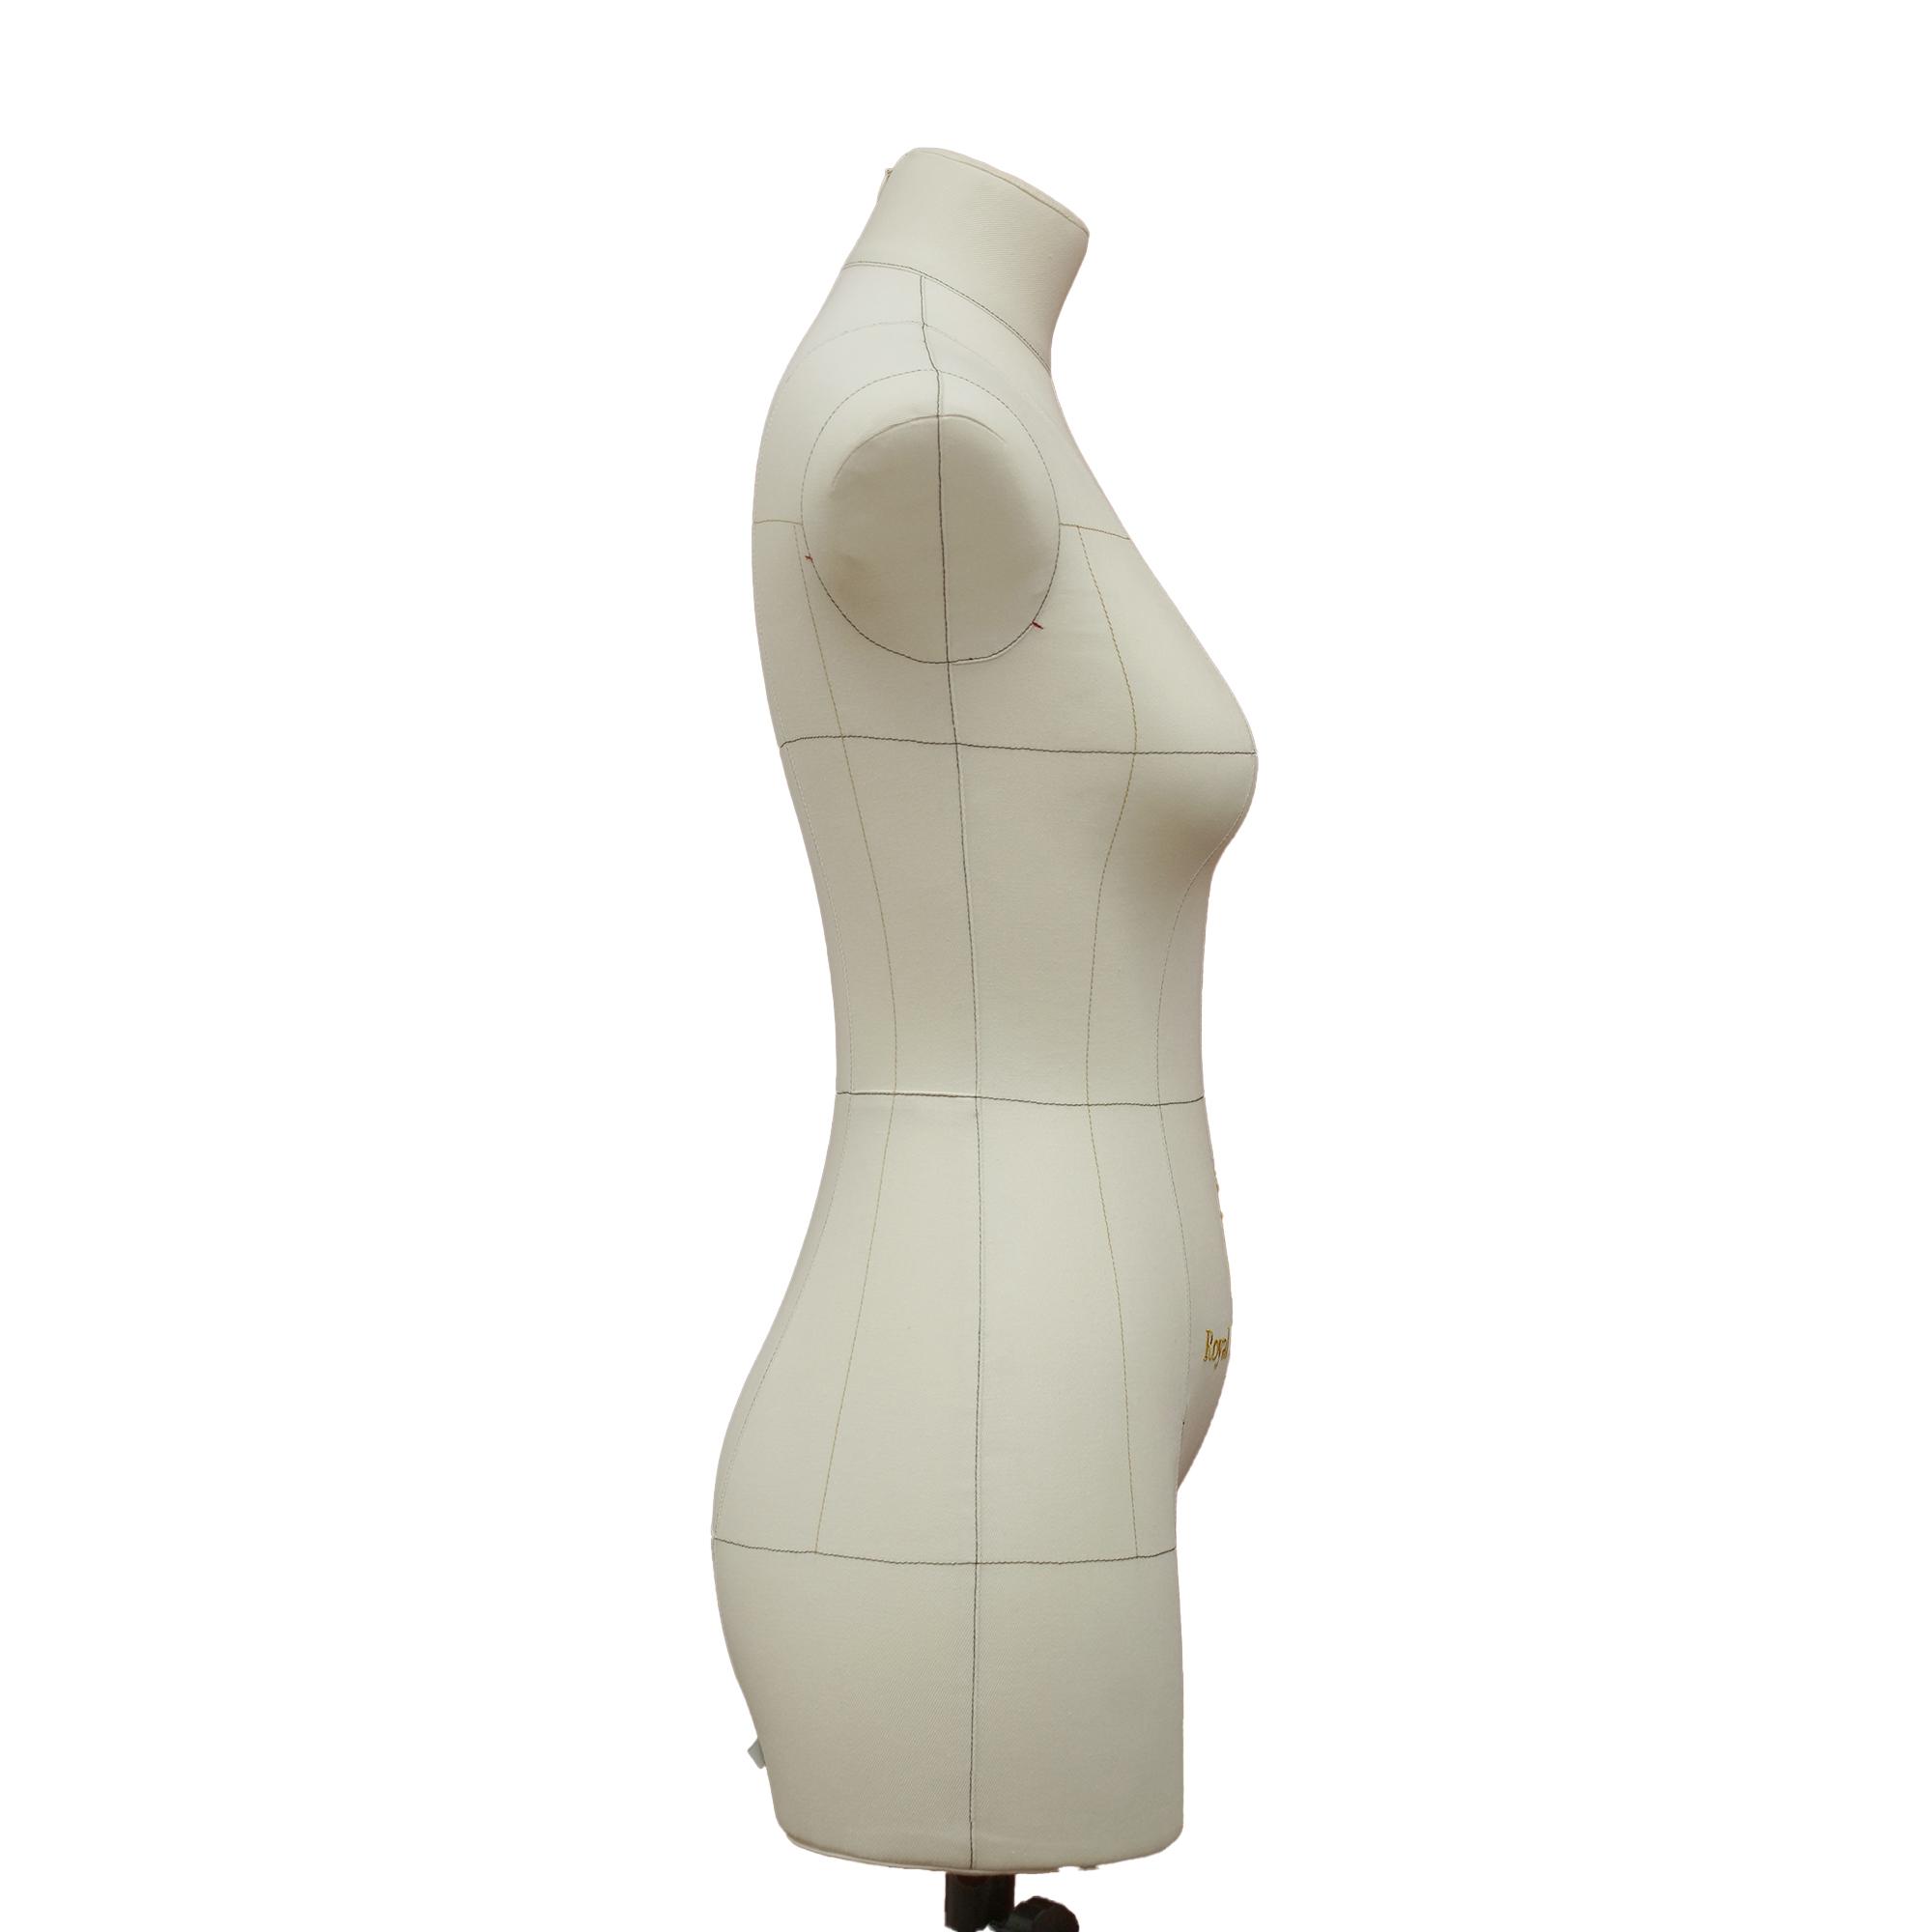 Манекен портновский Моника, комплект Про, размер 44, тип фигуры Песочные часы, бежевыйФото 2